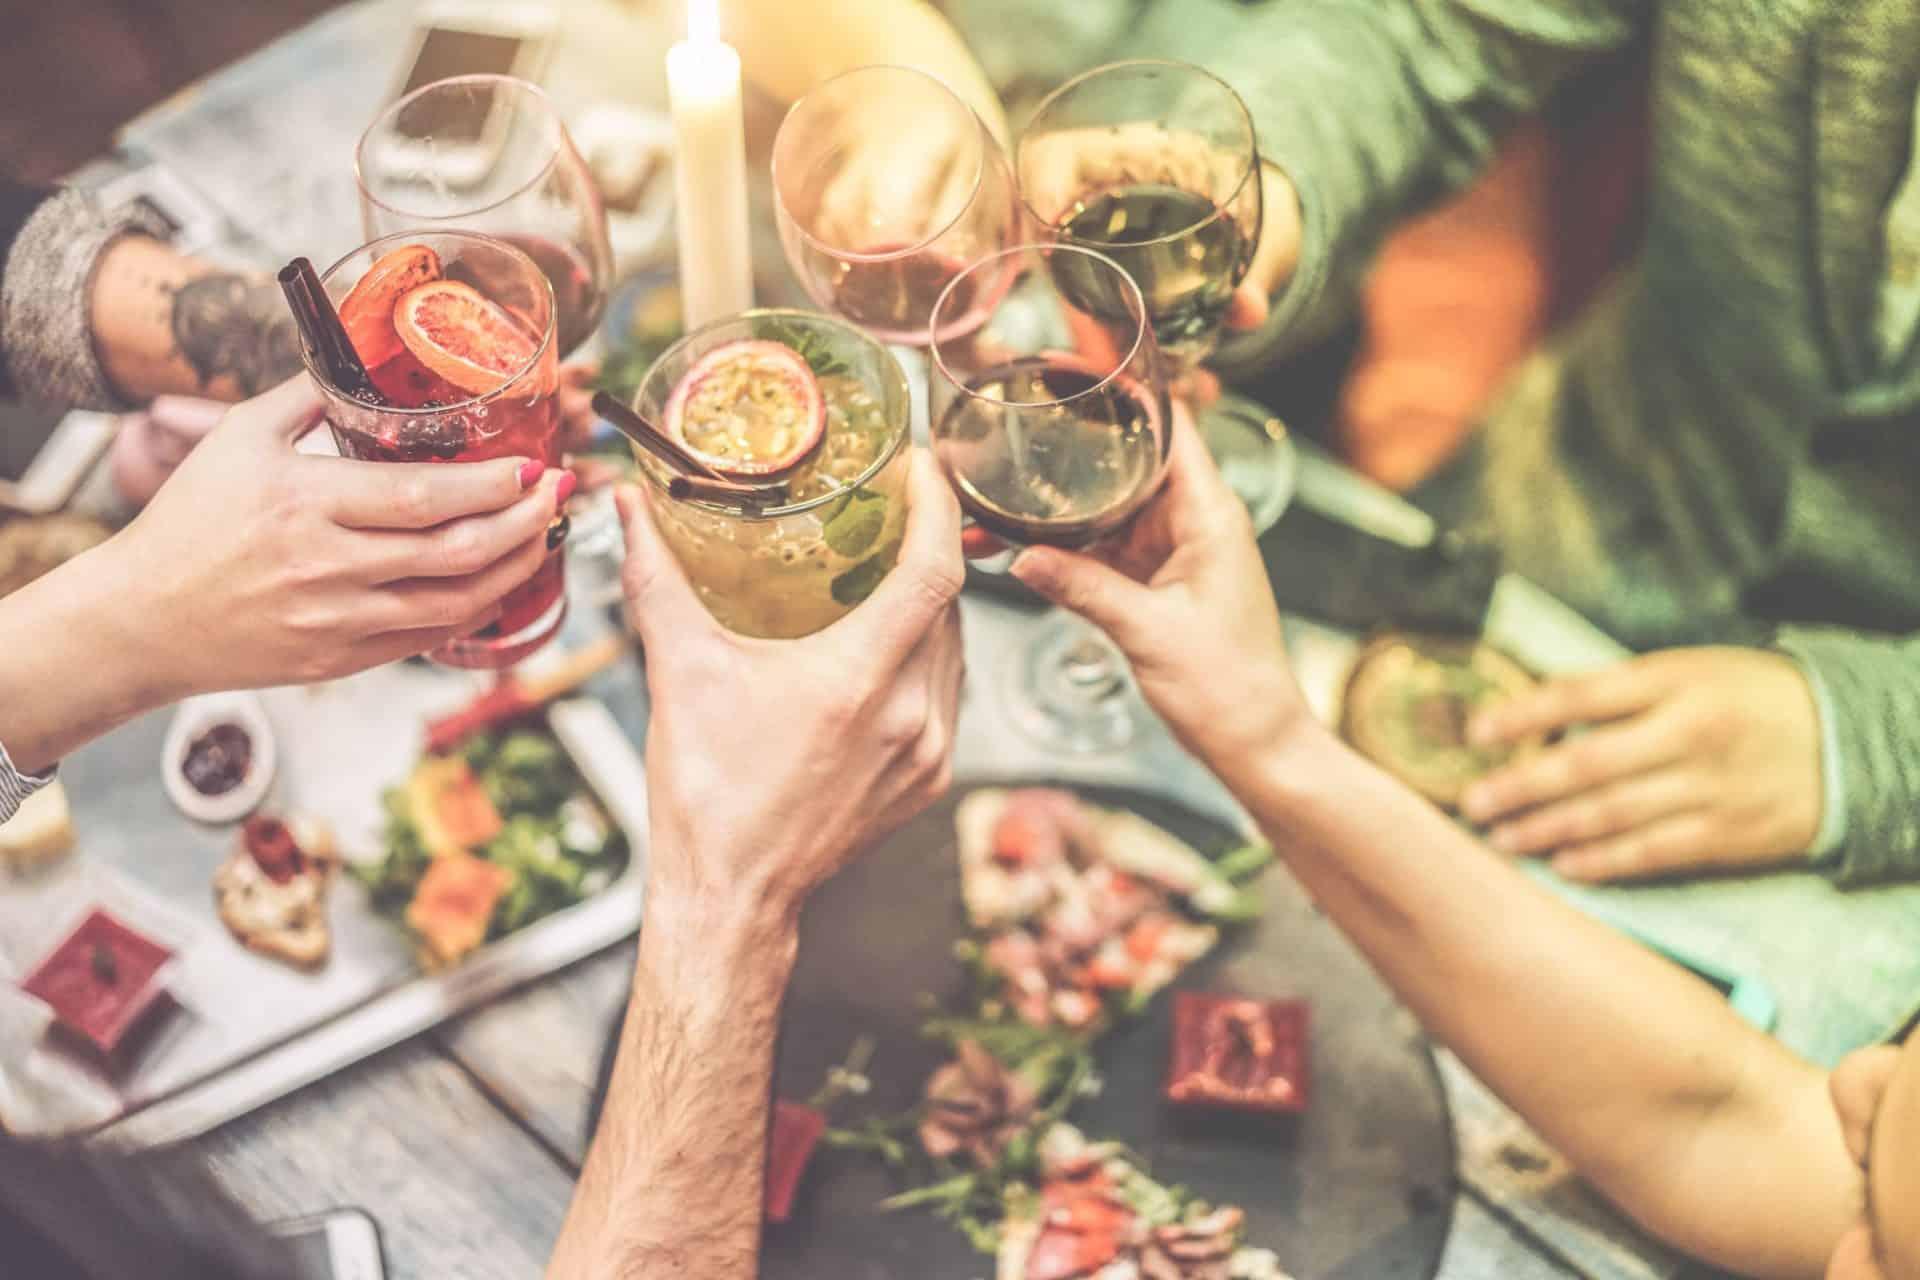 Confira sugestões de petiscos para festa: o que preparar?